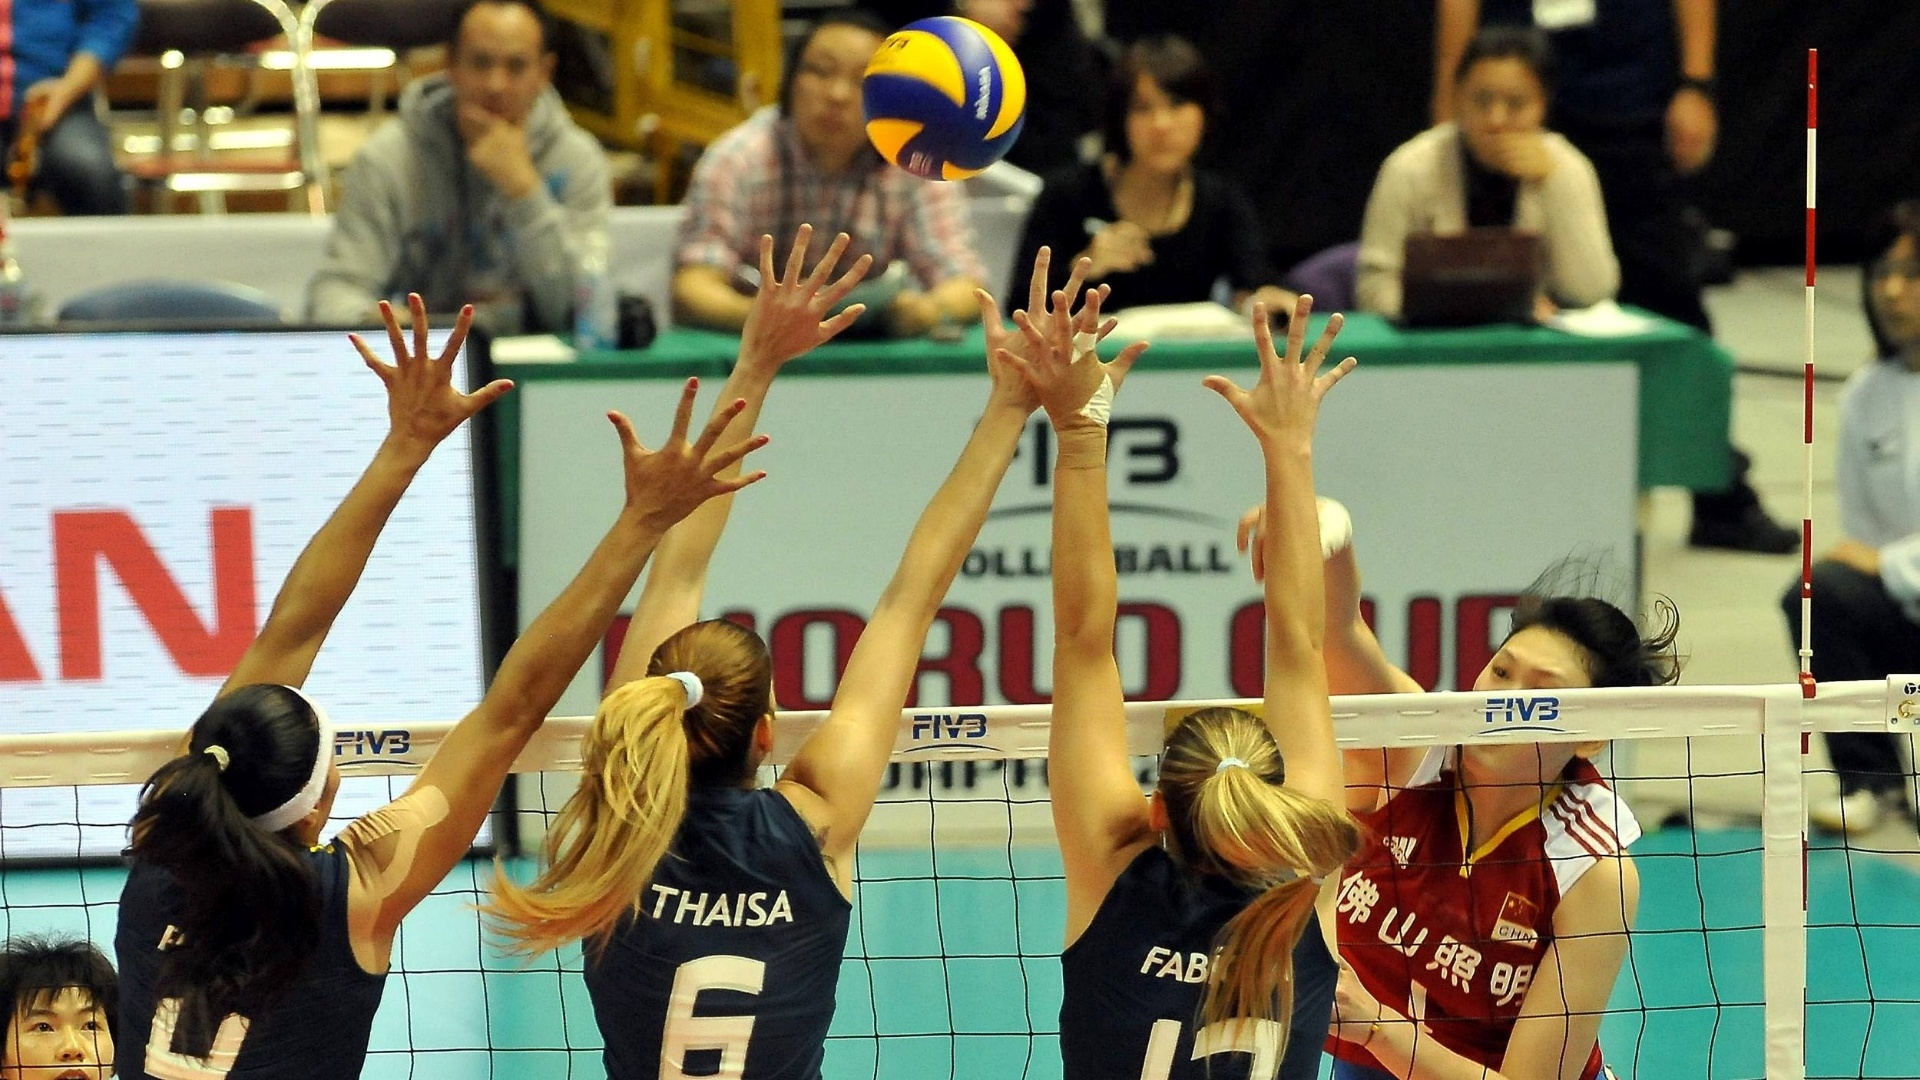 O triplo brasileiro, com Paula Pequeno, Thaisa e Fabíola, sobe para bloquear o ataque chinês (11/11/11)